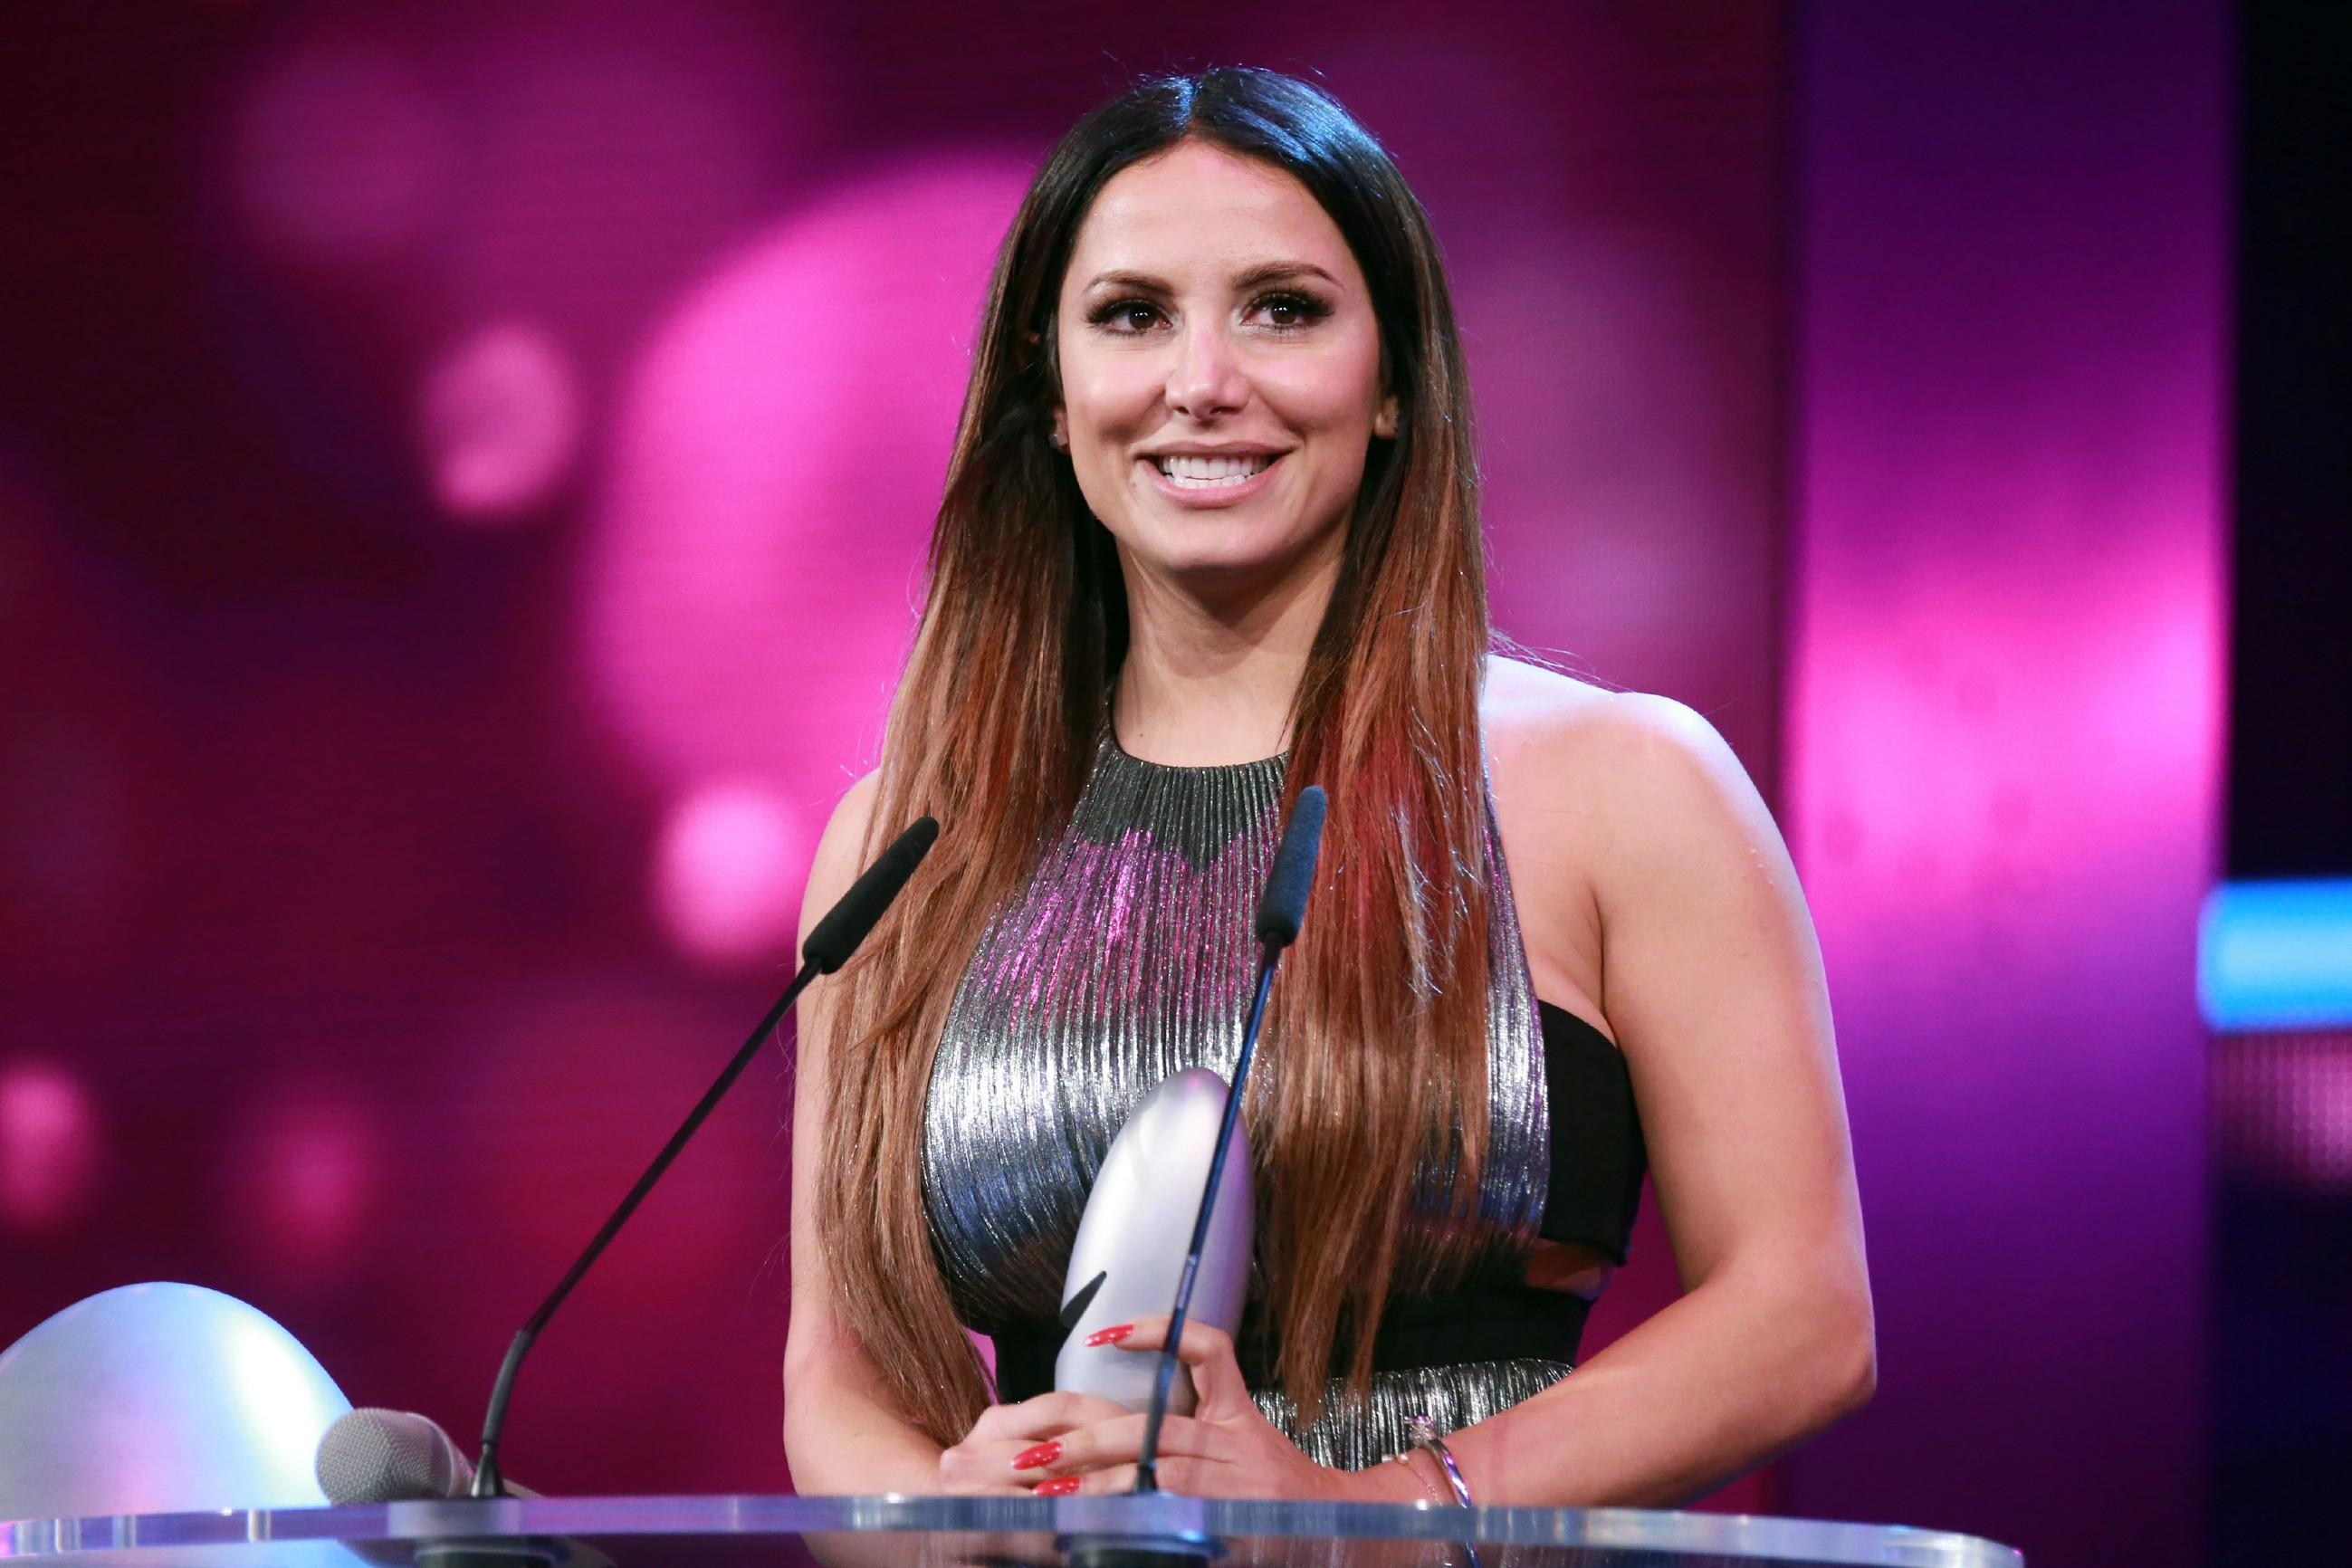 Der Deutsche Comedypreis 2015 - Enissa Amani